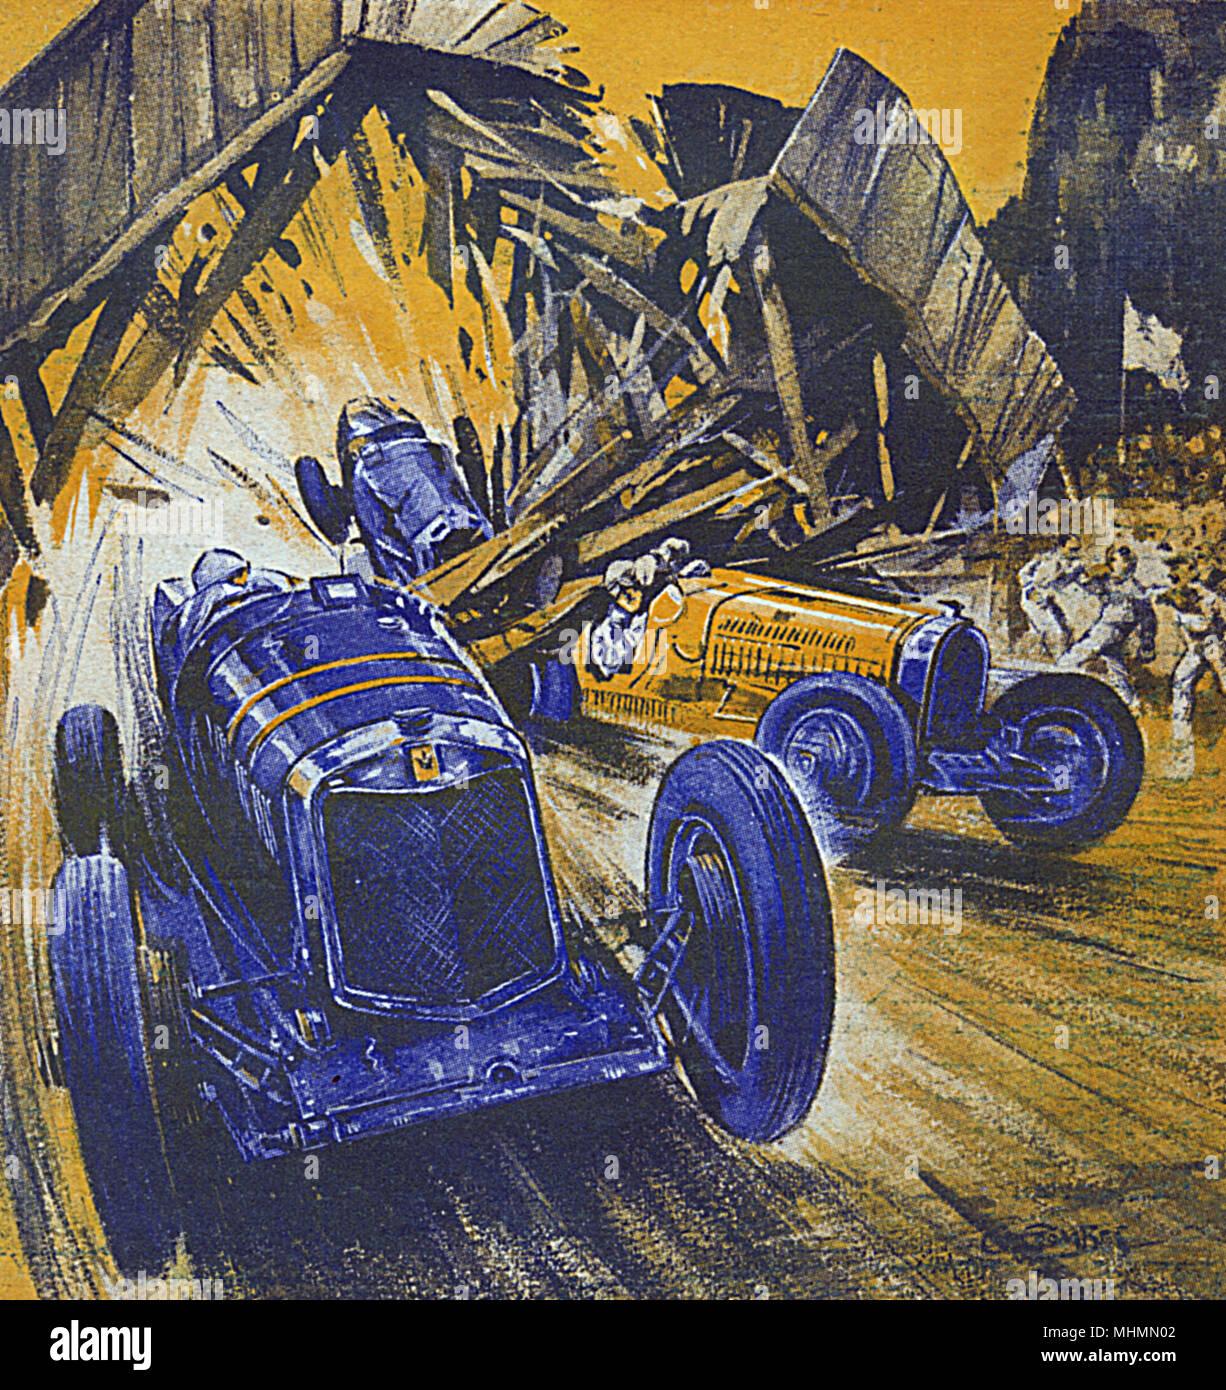 Rennwagen smashing um einen Kurs, sondern die unabhängig. Datum: 1932 Stockbild